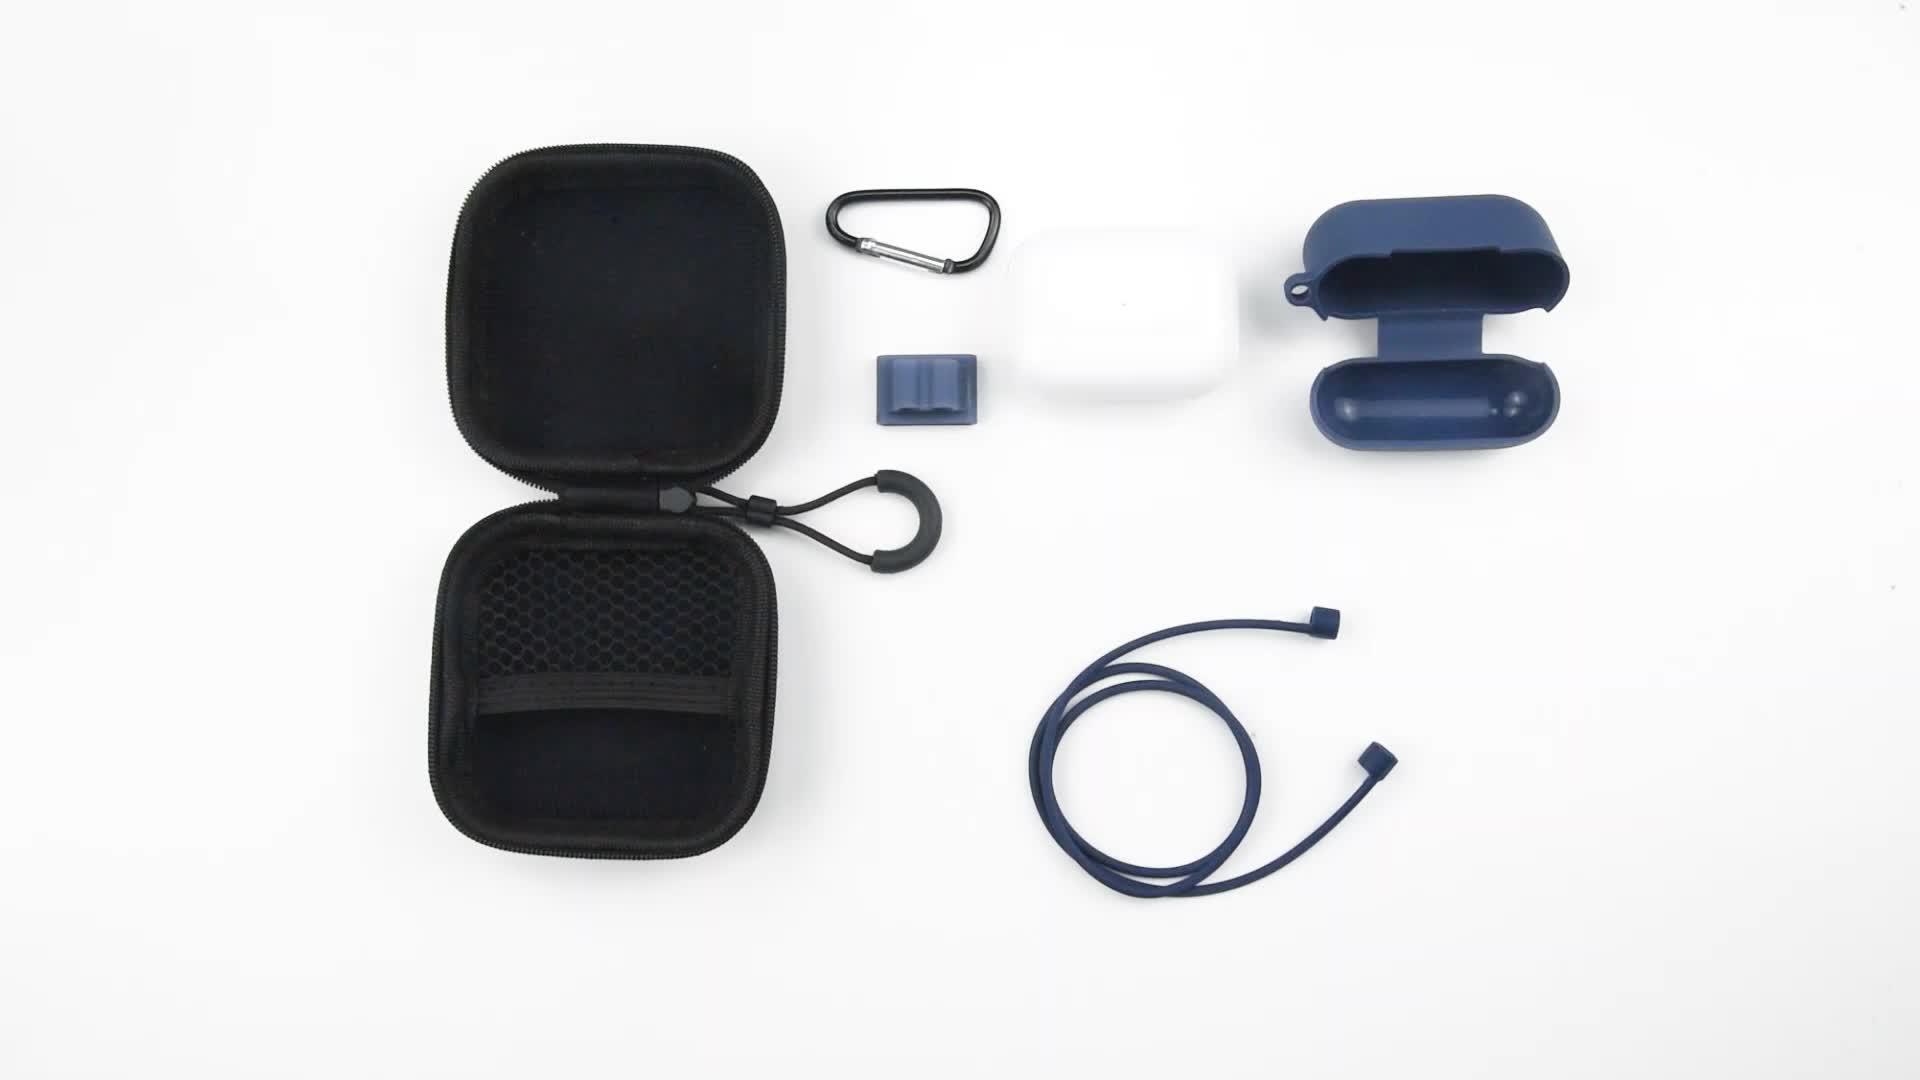 حقيبة سماعة الرأس ، مشبك ساعة ، حلقة تسلق ، حزام سماعة الرأس ، غطاء واقي من السيليكون airpods 5 في 1 لعلبة airpod pro 3